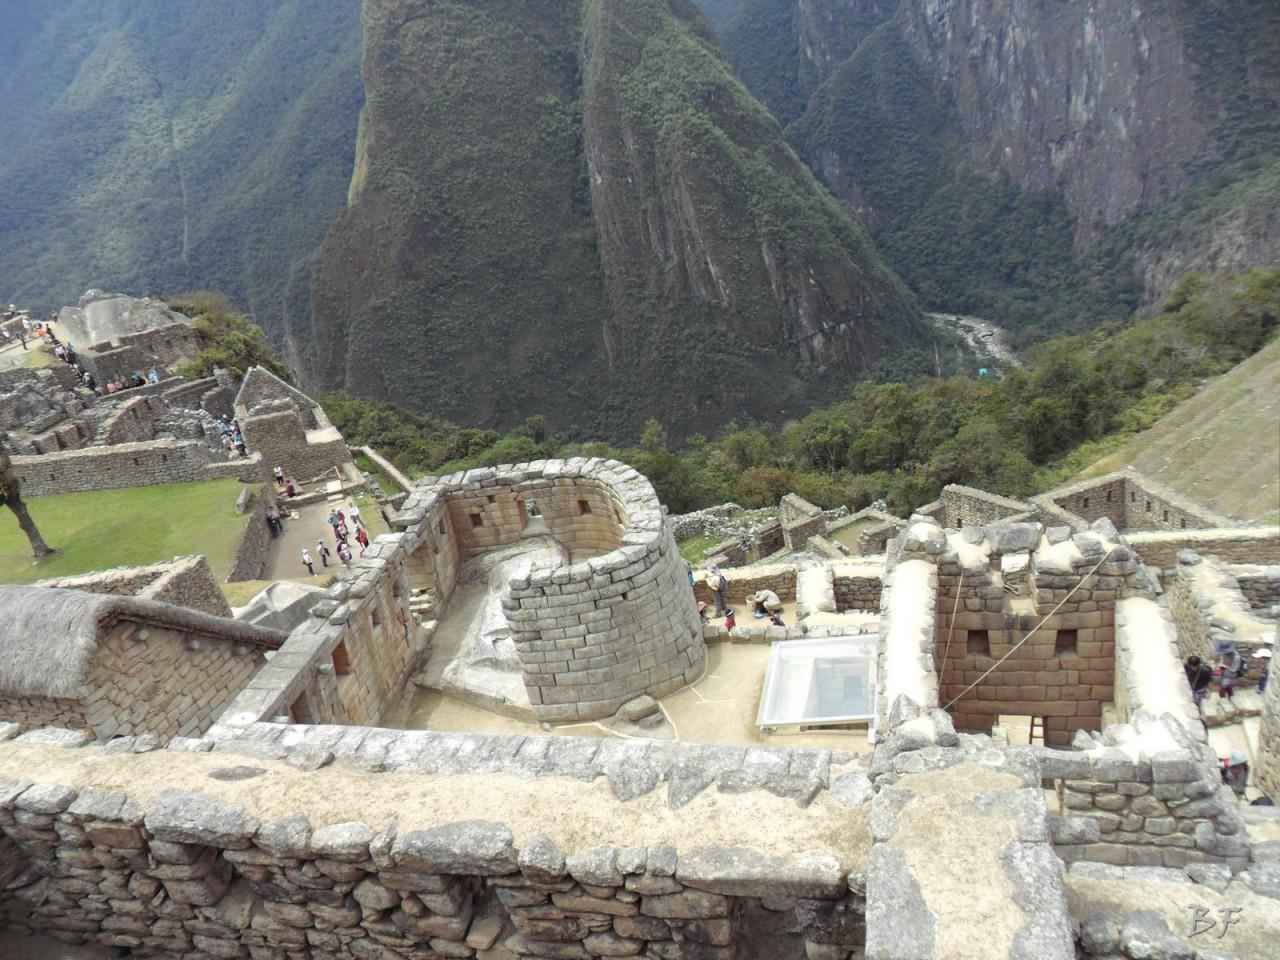 Mura-Poligonali-Incisioni-Altari-Edifici-Rupestri-Megaliti-Machu-Picchu-Aguas-Calientes-Urubamba-Cusco-Perù-96